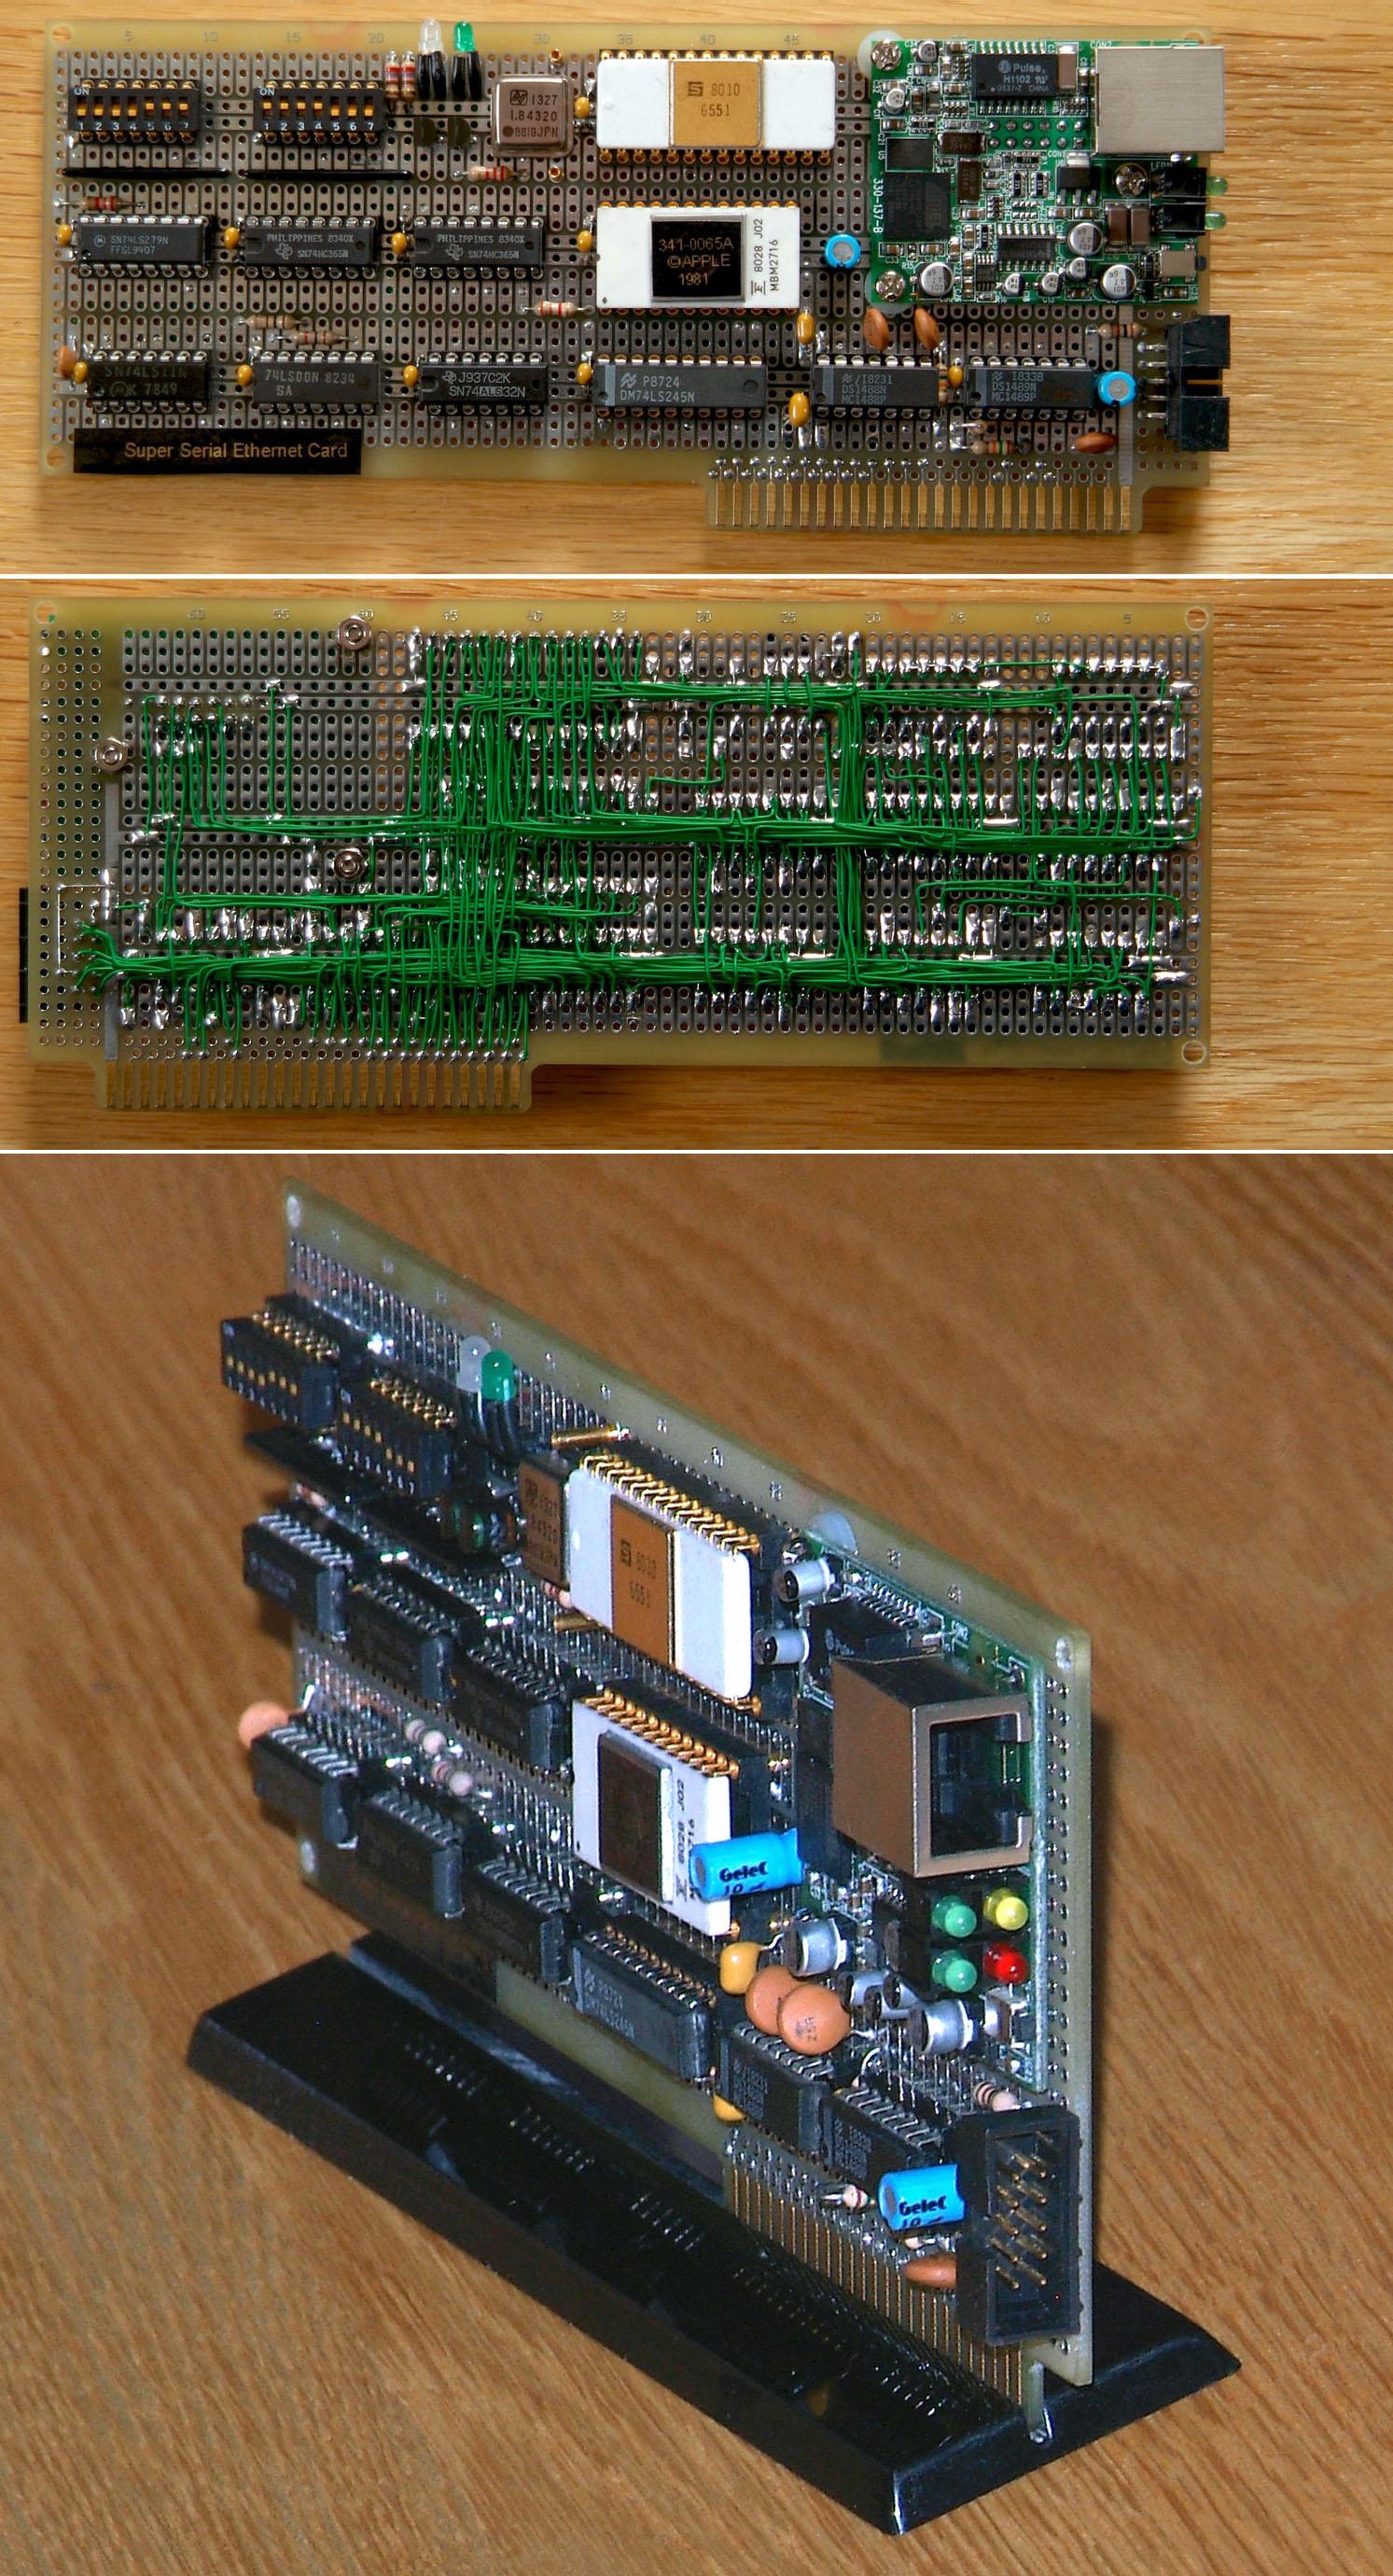 Super Serial Ethernet